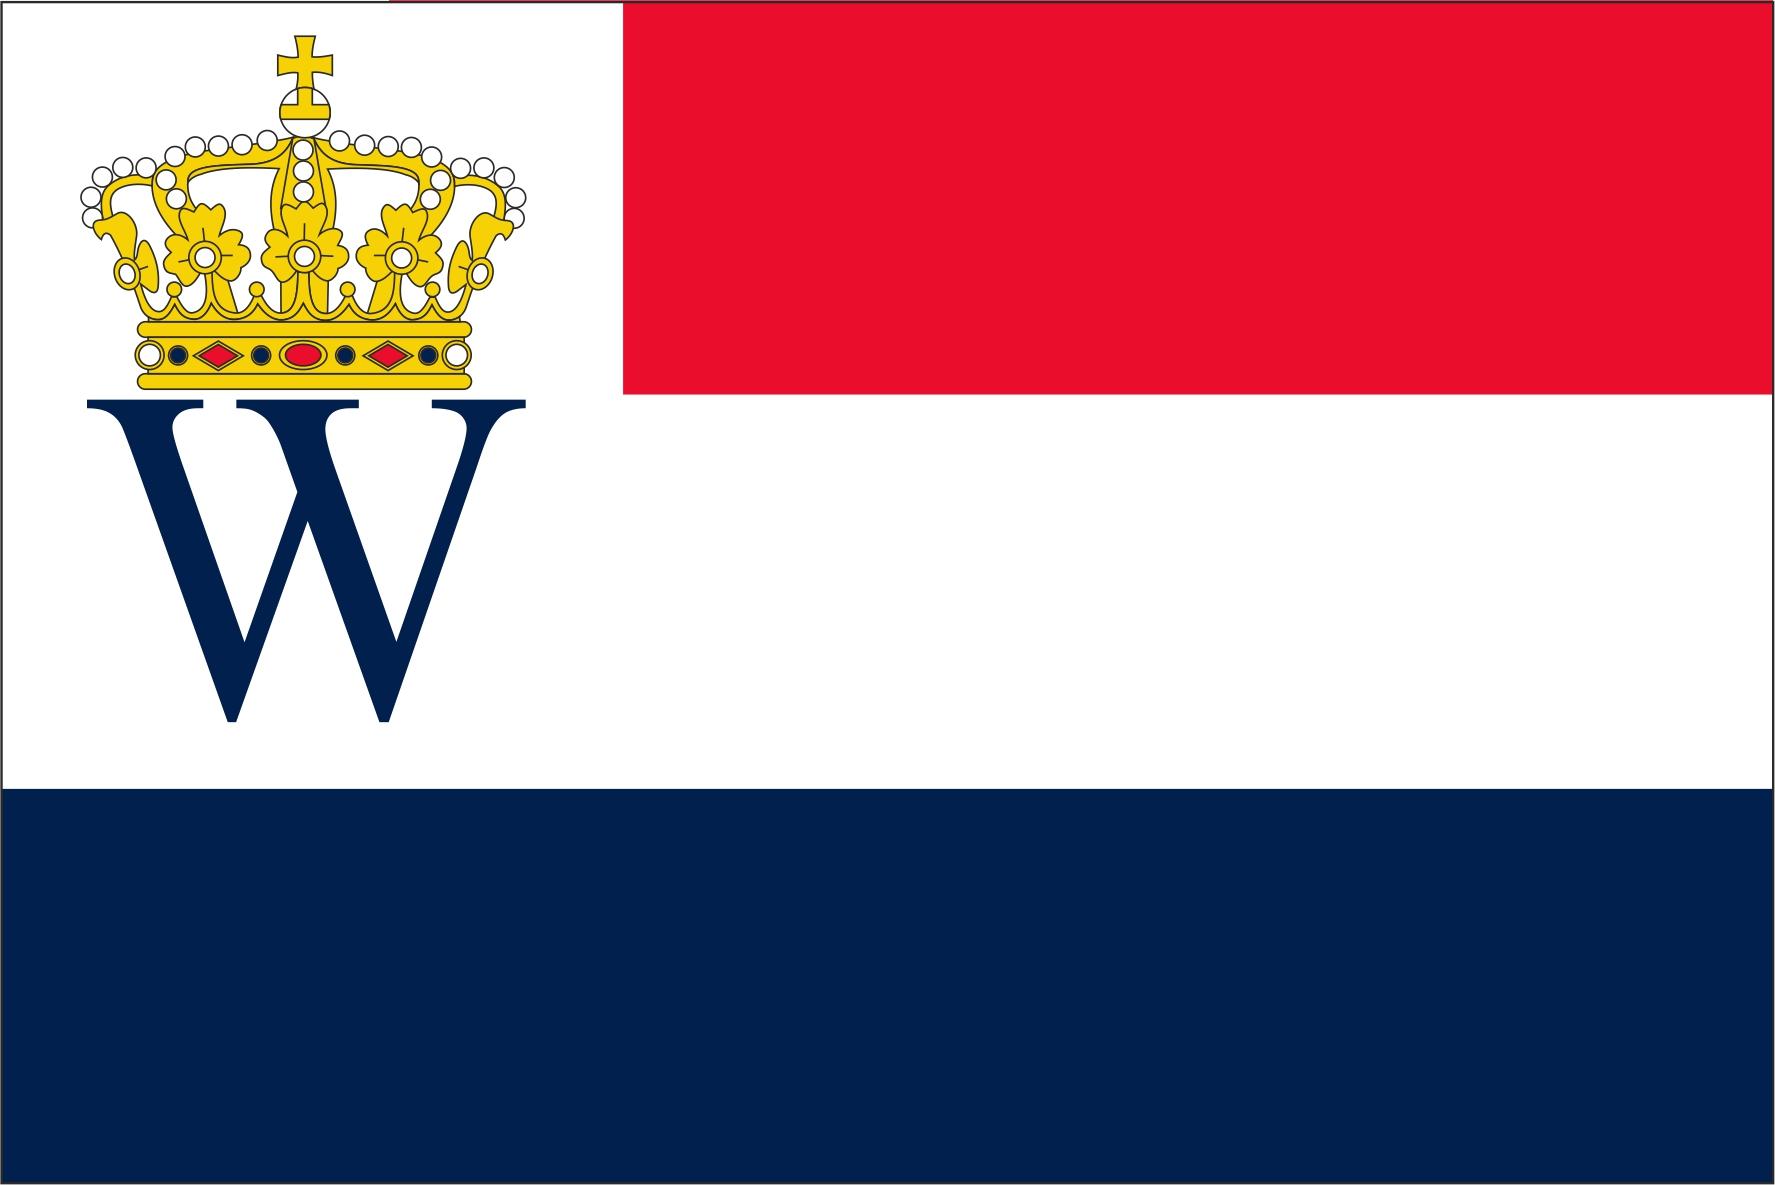 Koninklijke Watersport Vlag 70x100cm Oud hollands blauw